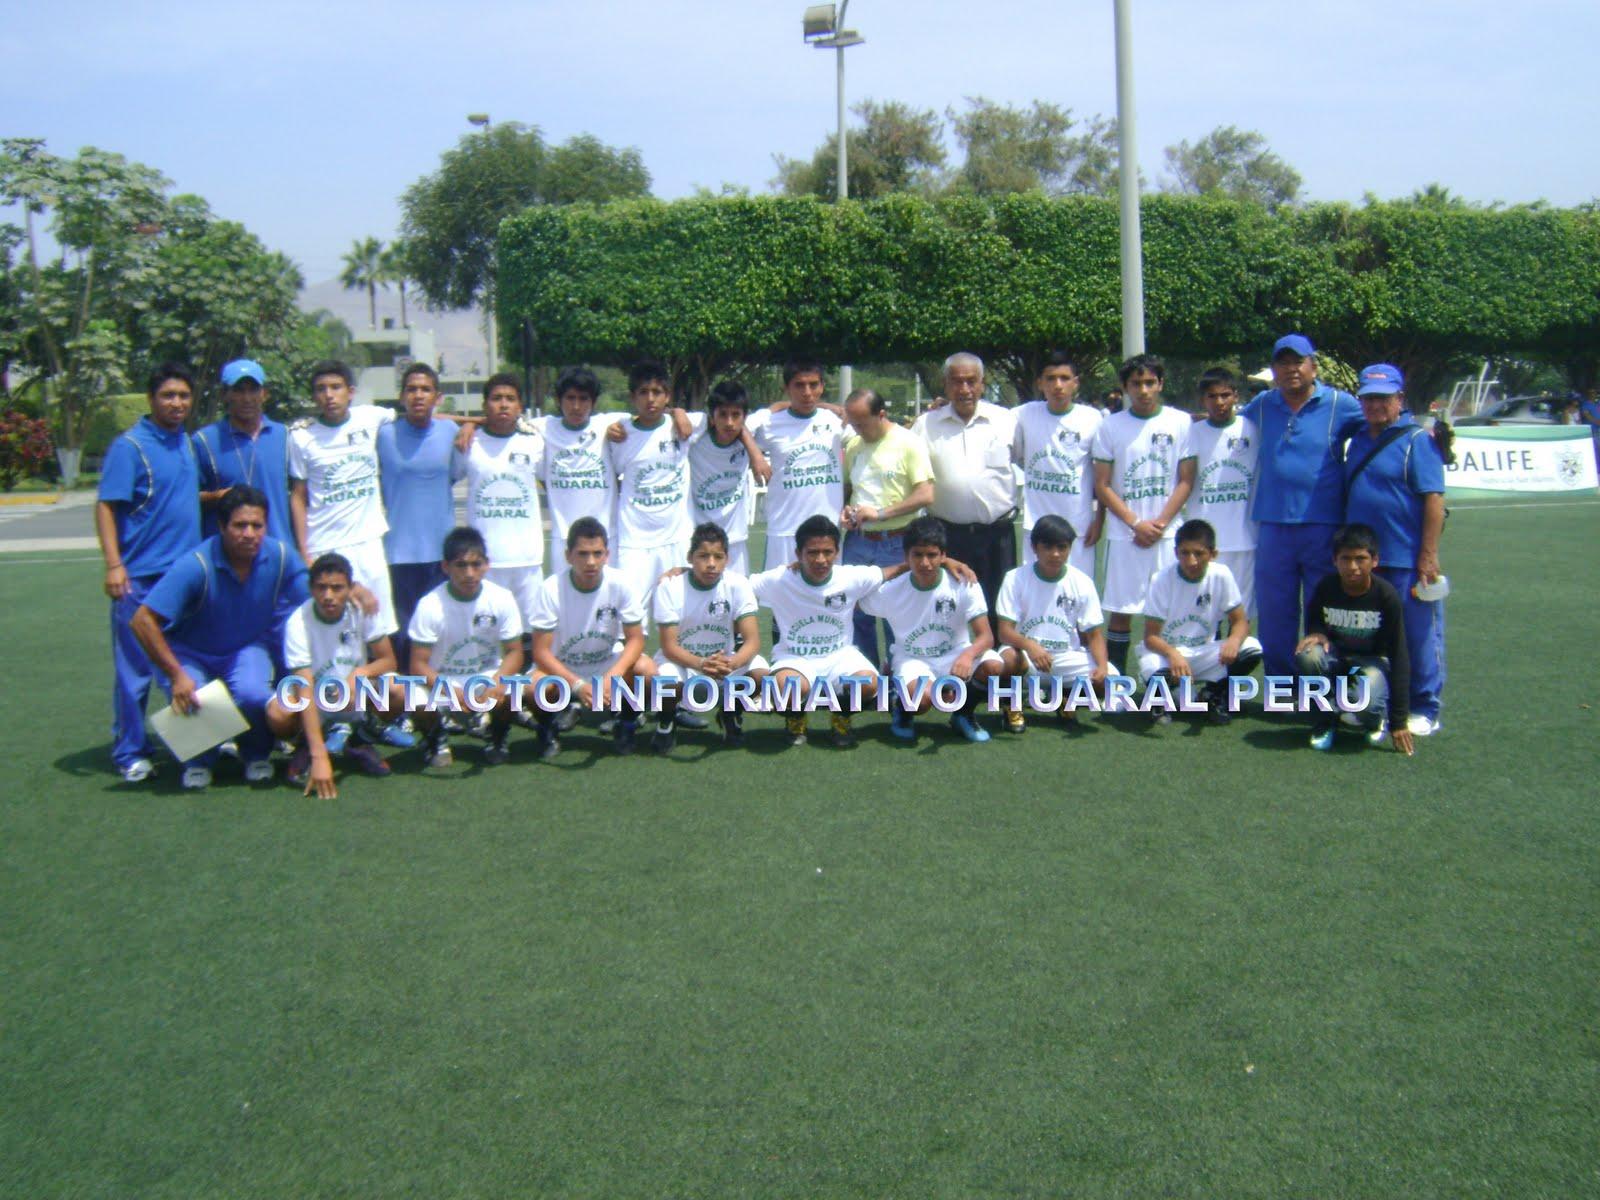 Equipos de fútbol Imágenes Picsearch - Imagenes De Equipos De Futbol